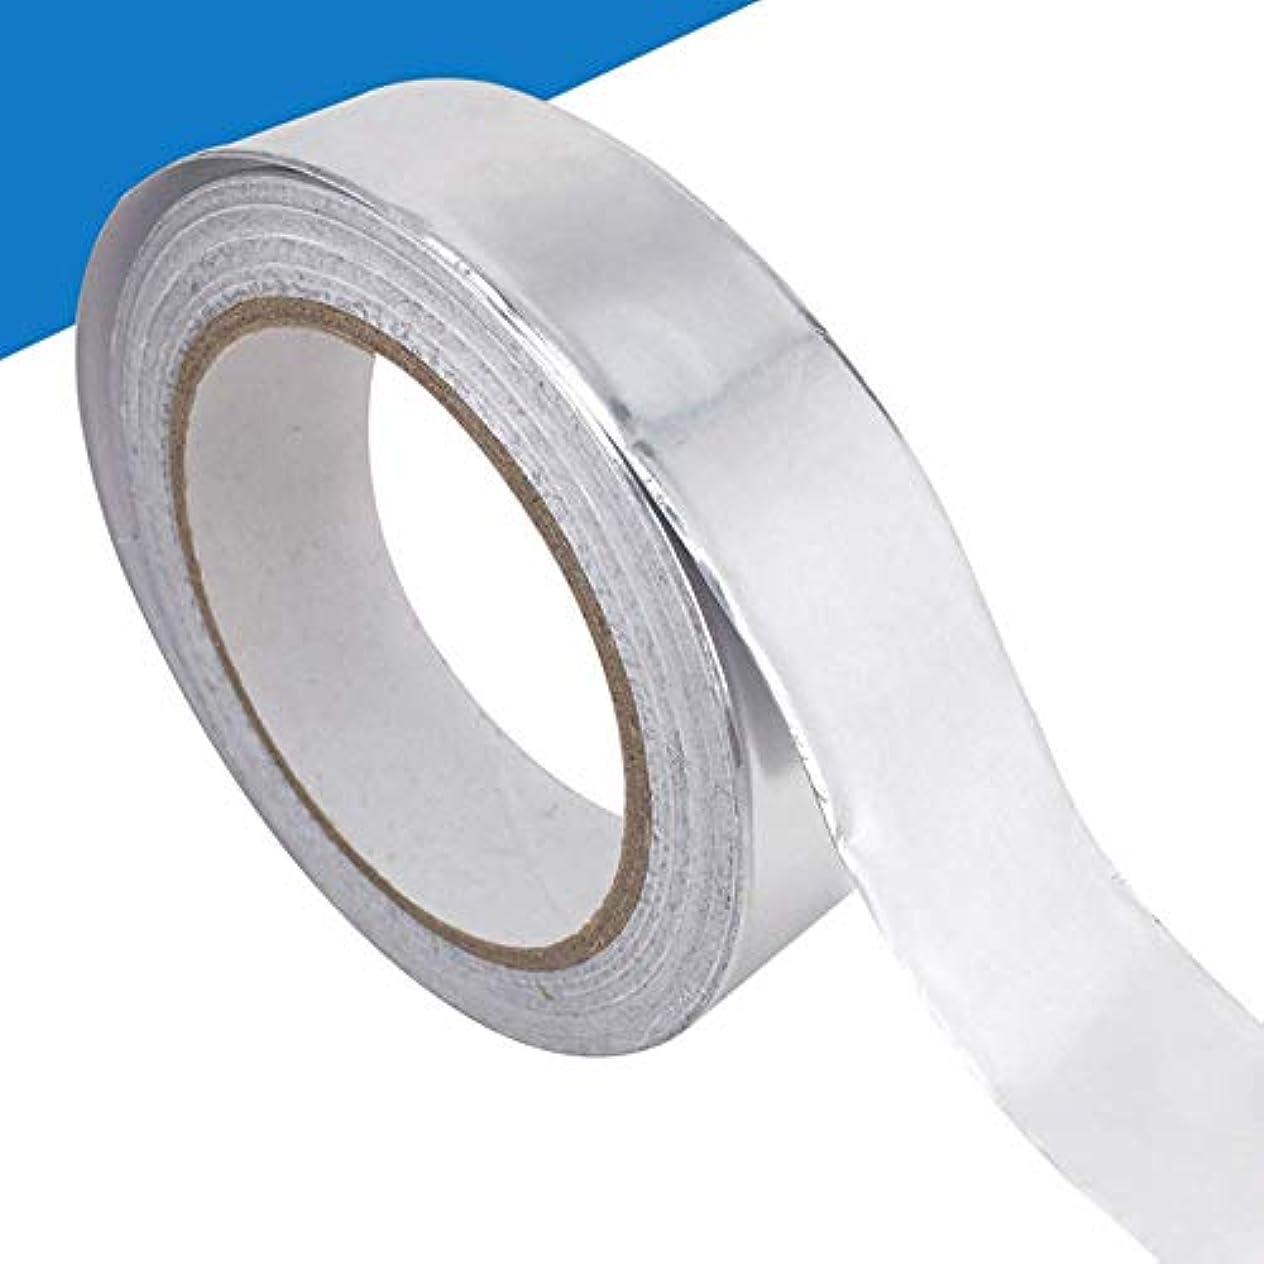 少年思春期軽食Simg 導電性アルミテープ アルミ箔テープ 放射線防護 耐熱性 防水 多機能 25mm幅x20m